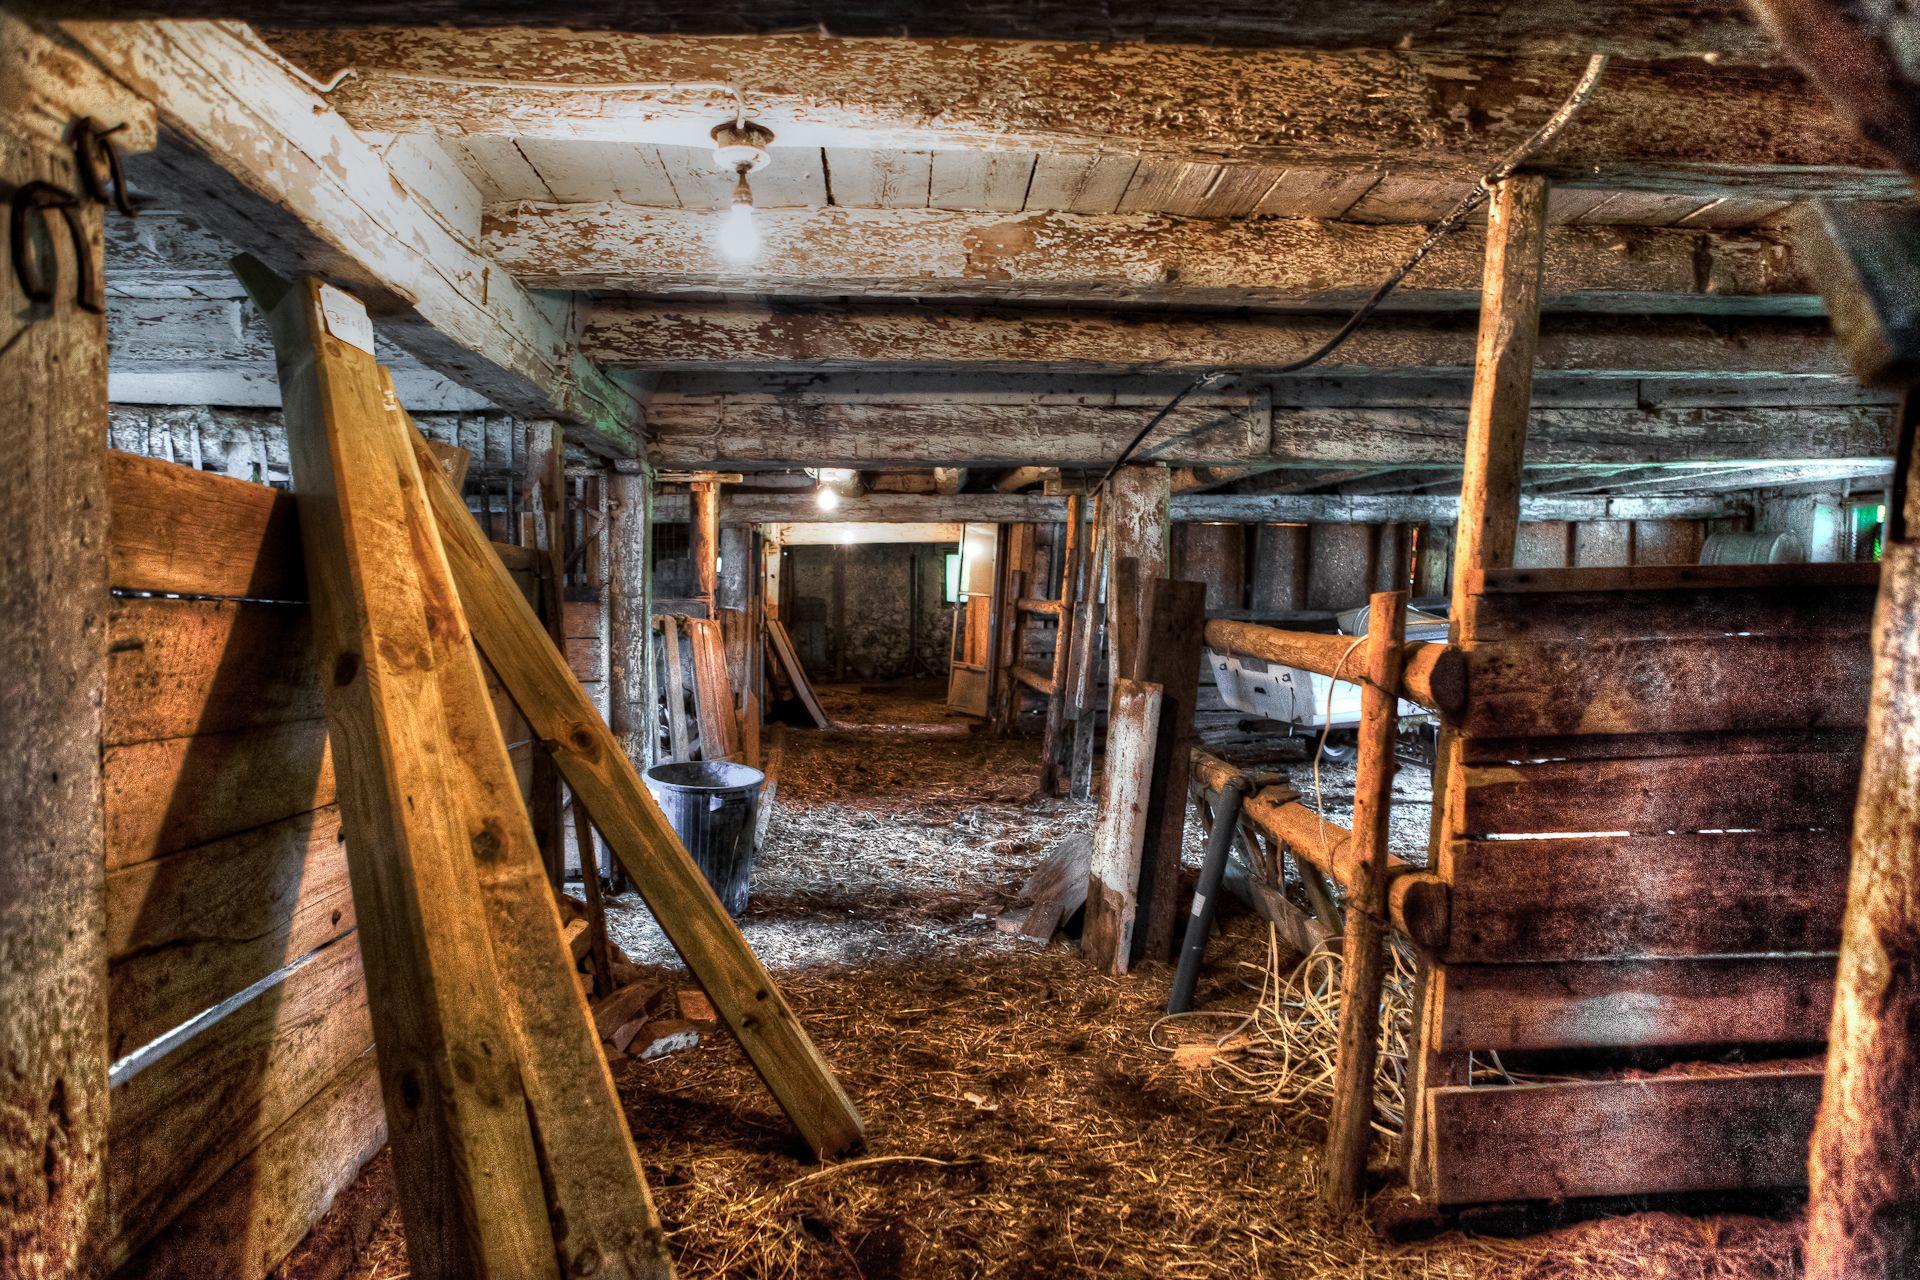 Old Canadian Barn Old barn doors, Old barns, Old barn wood